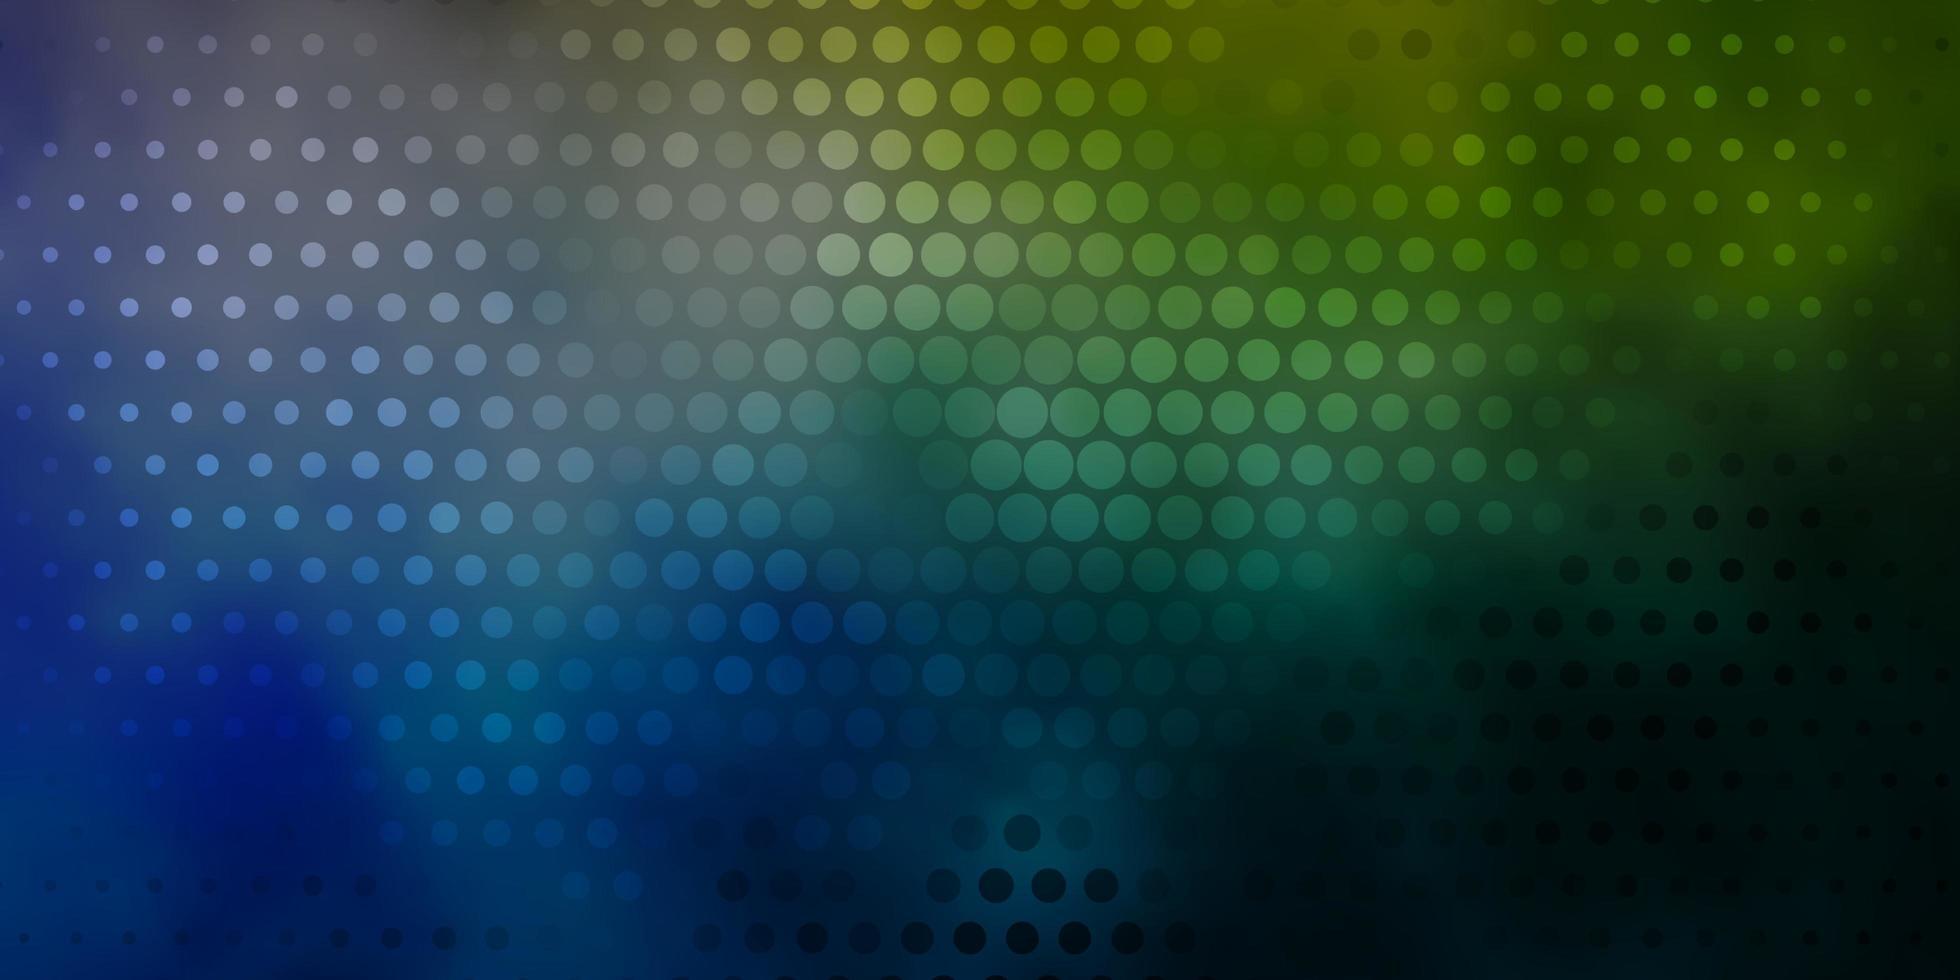 fondo azul claro, amarillo con puntos. vector